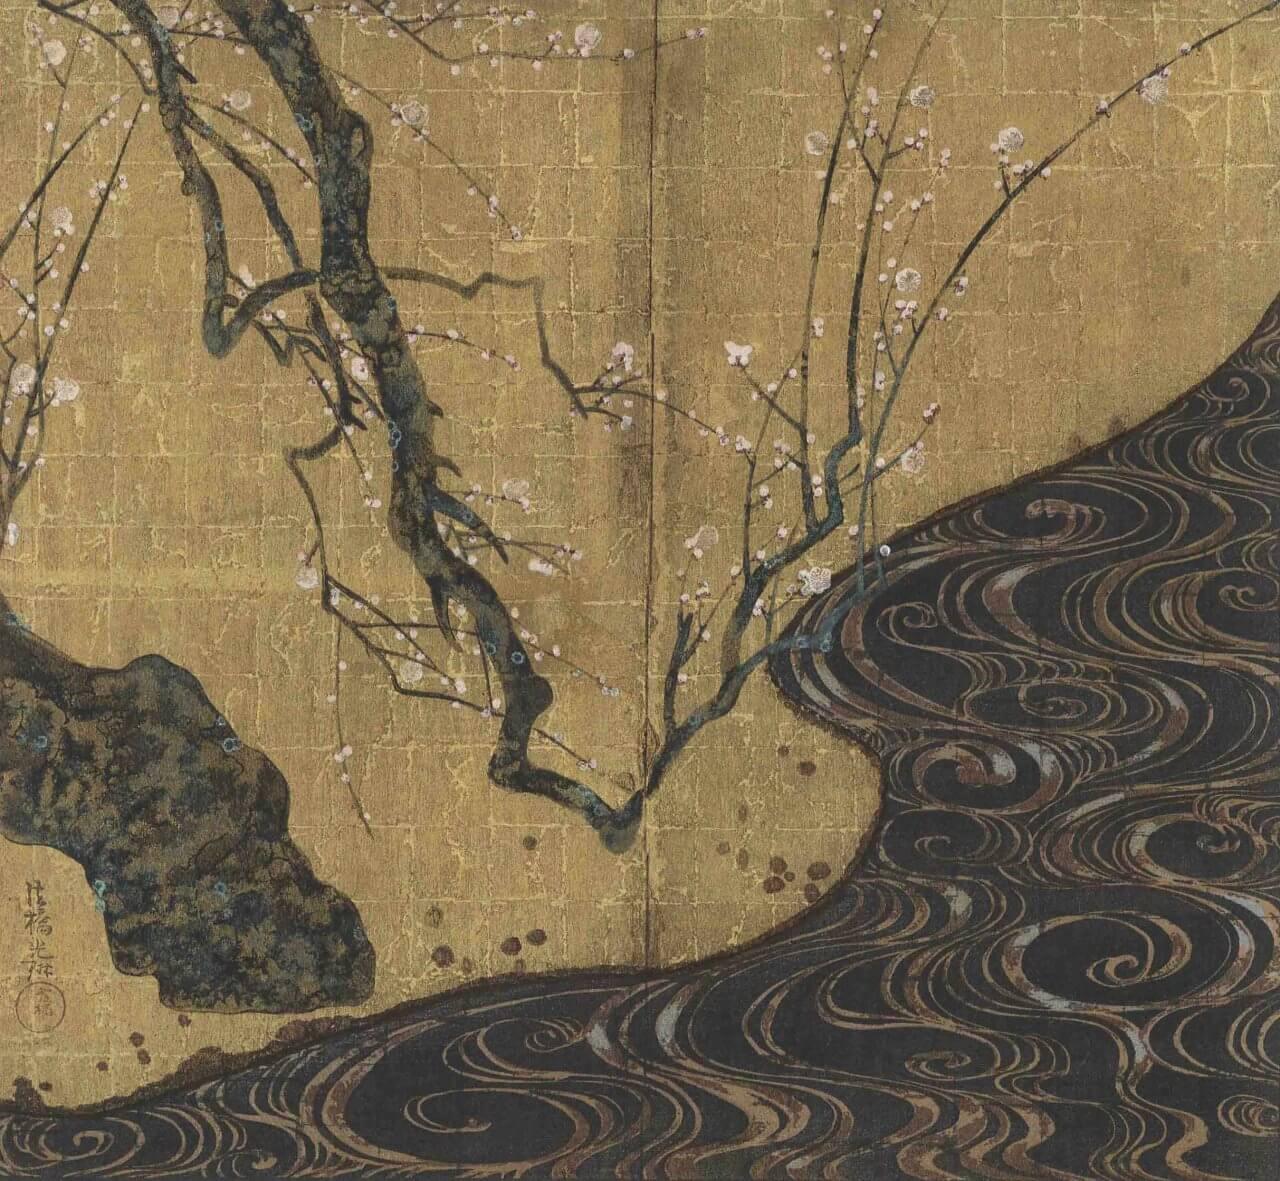 梅花図 尾形光琳(複製木版画)『和漢名画選 』